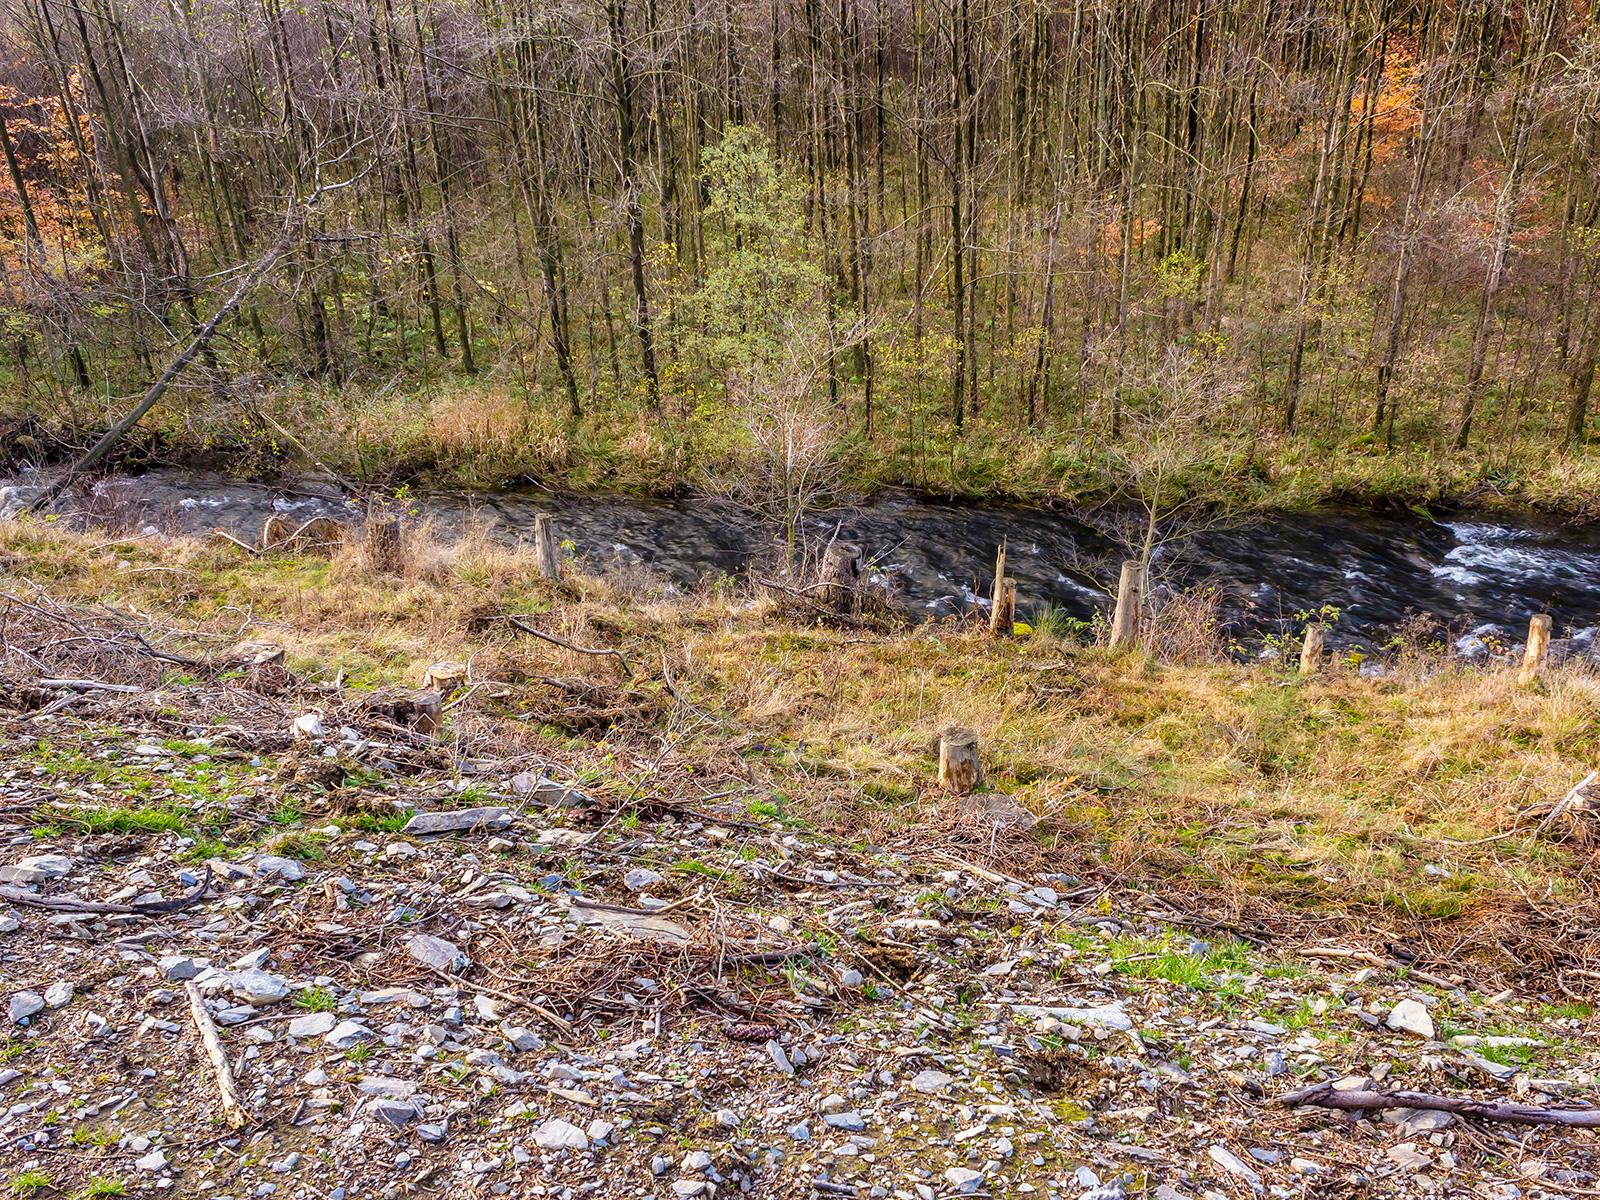 Boden, der durch Erosion die Humusschicht verloren hat